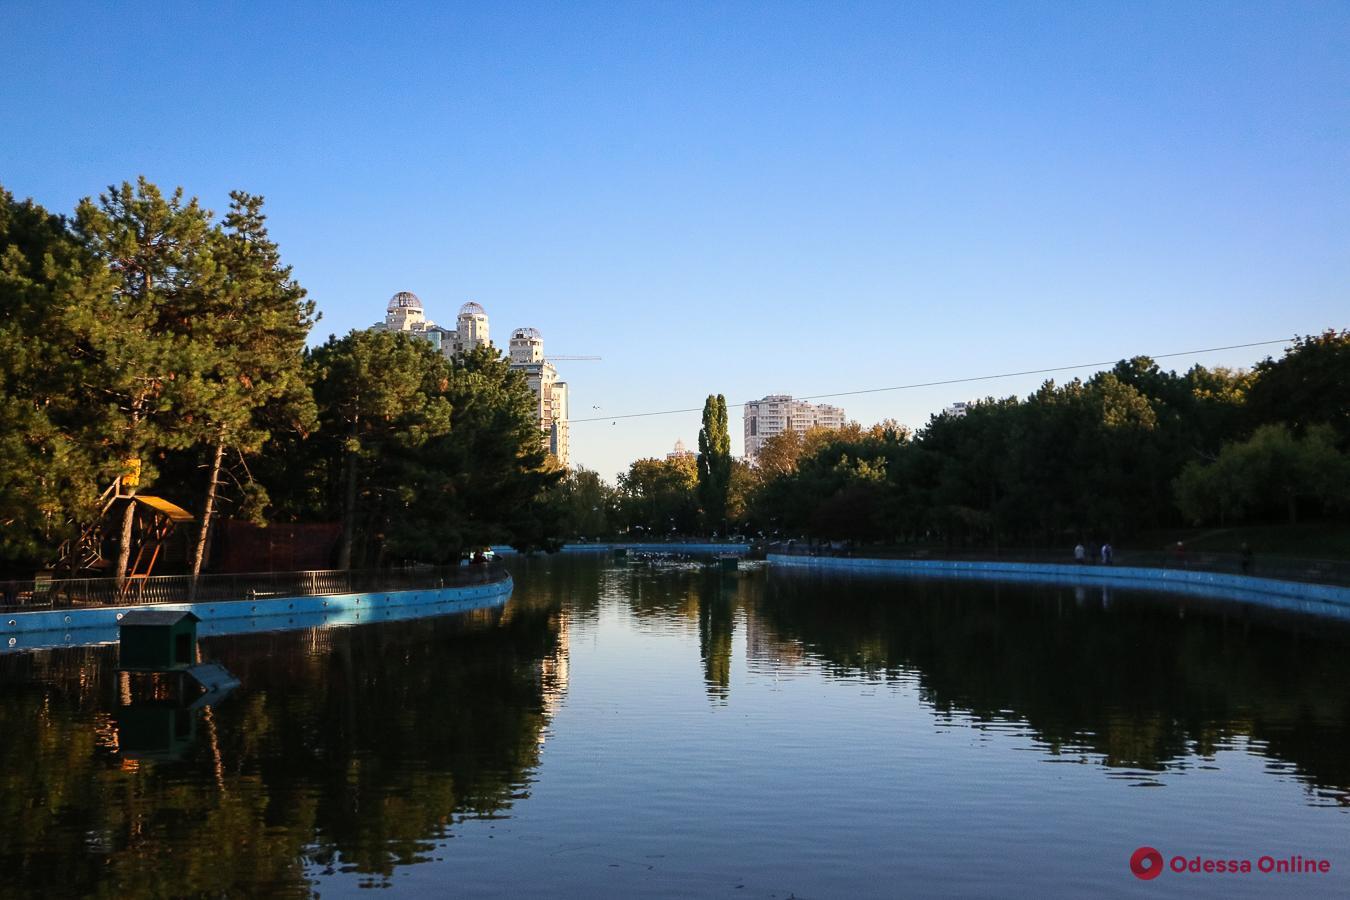 Осенний день в одесском парке Победы (фоторепортаж)